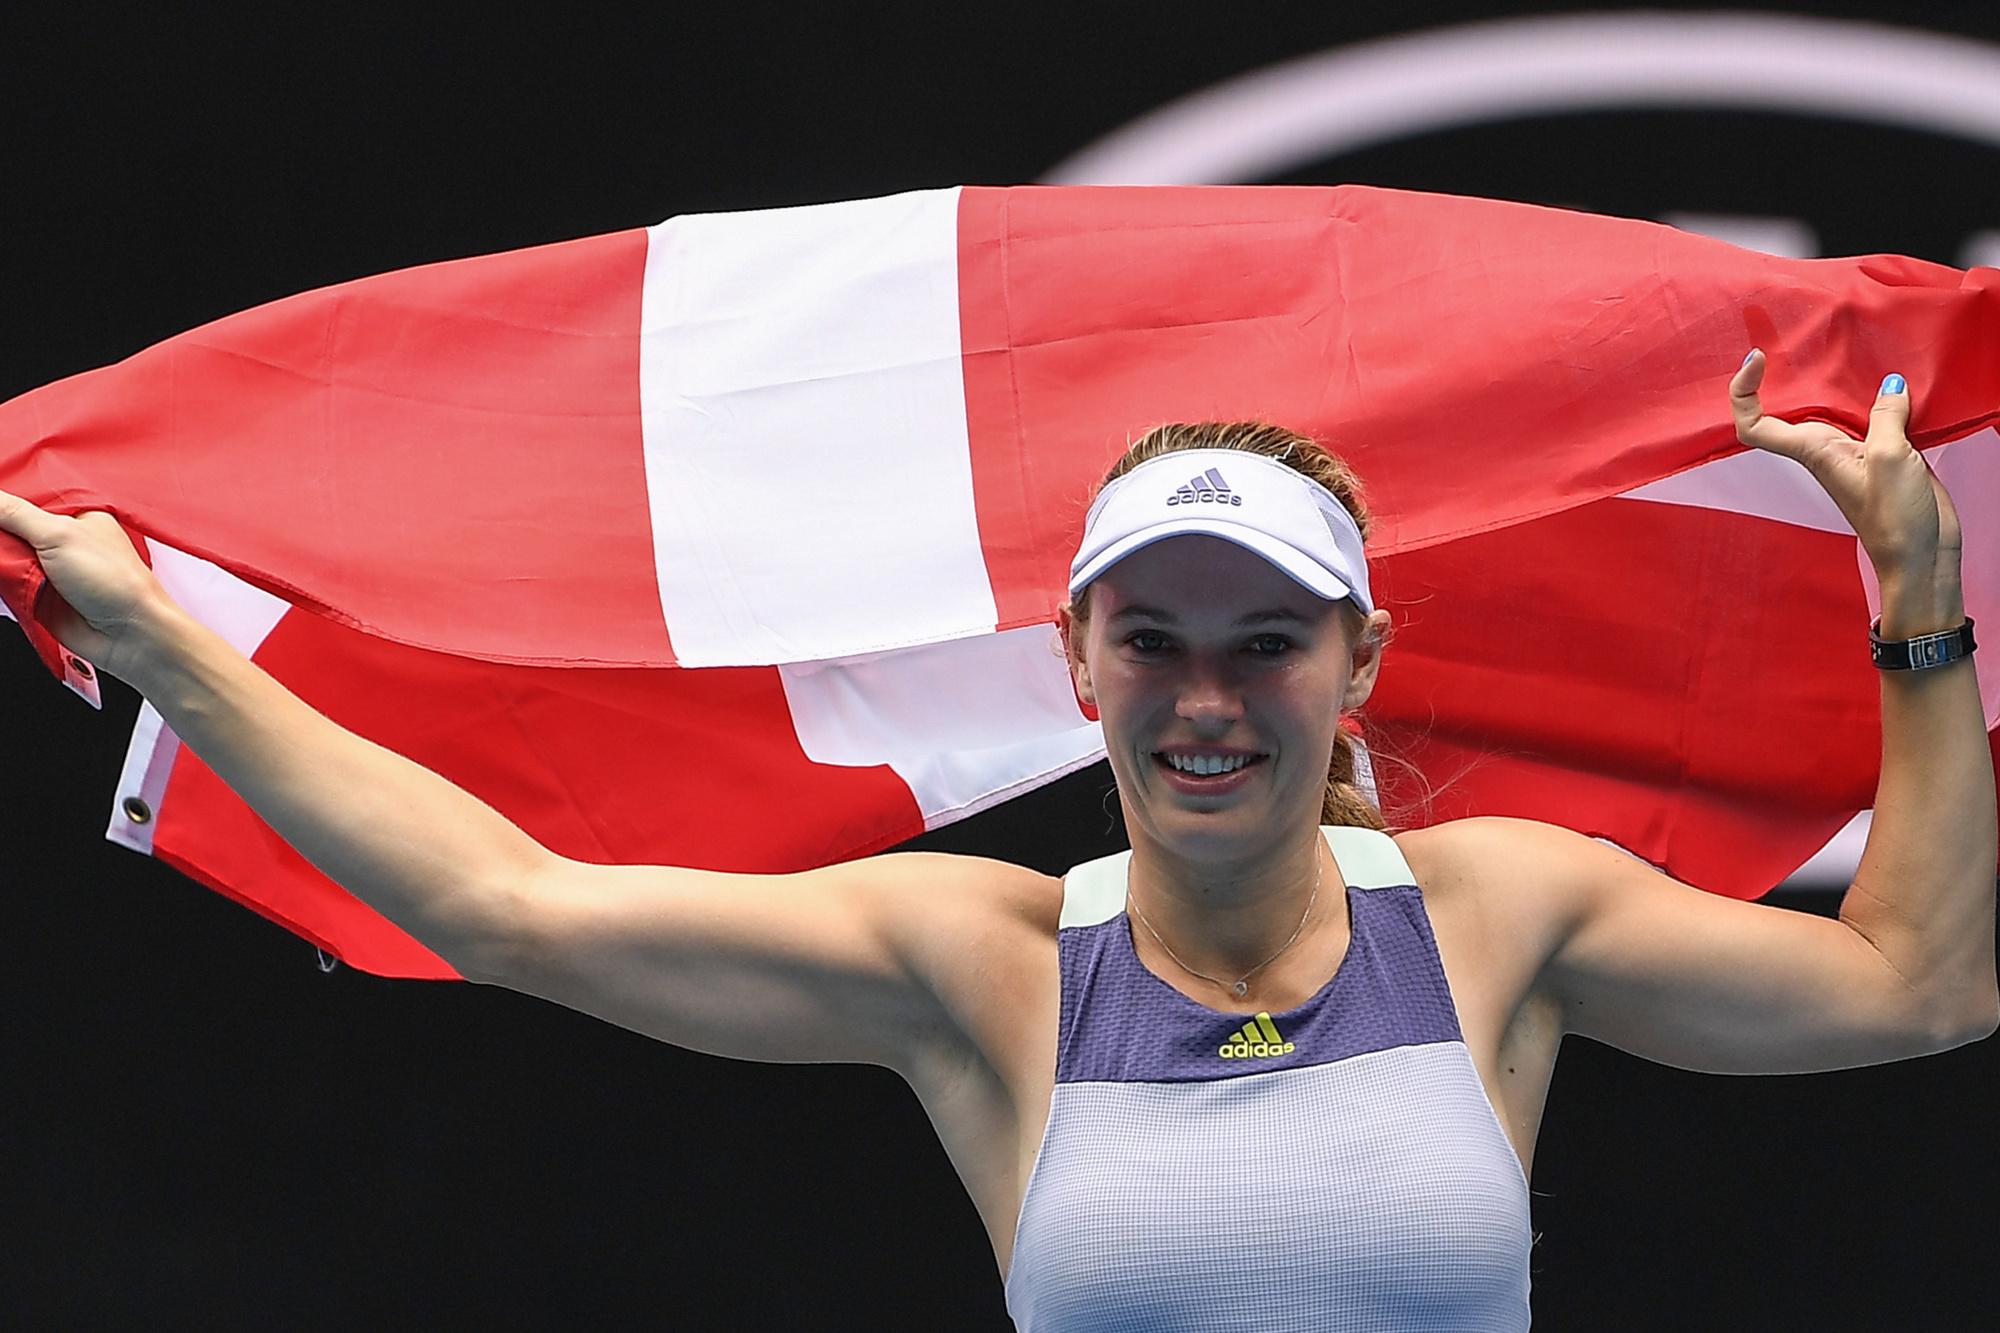 Wozniacki nam afscheid van het professioneel tennis., Belga Image